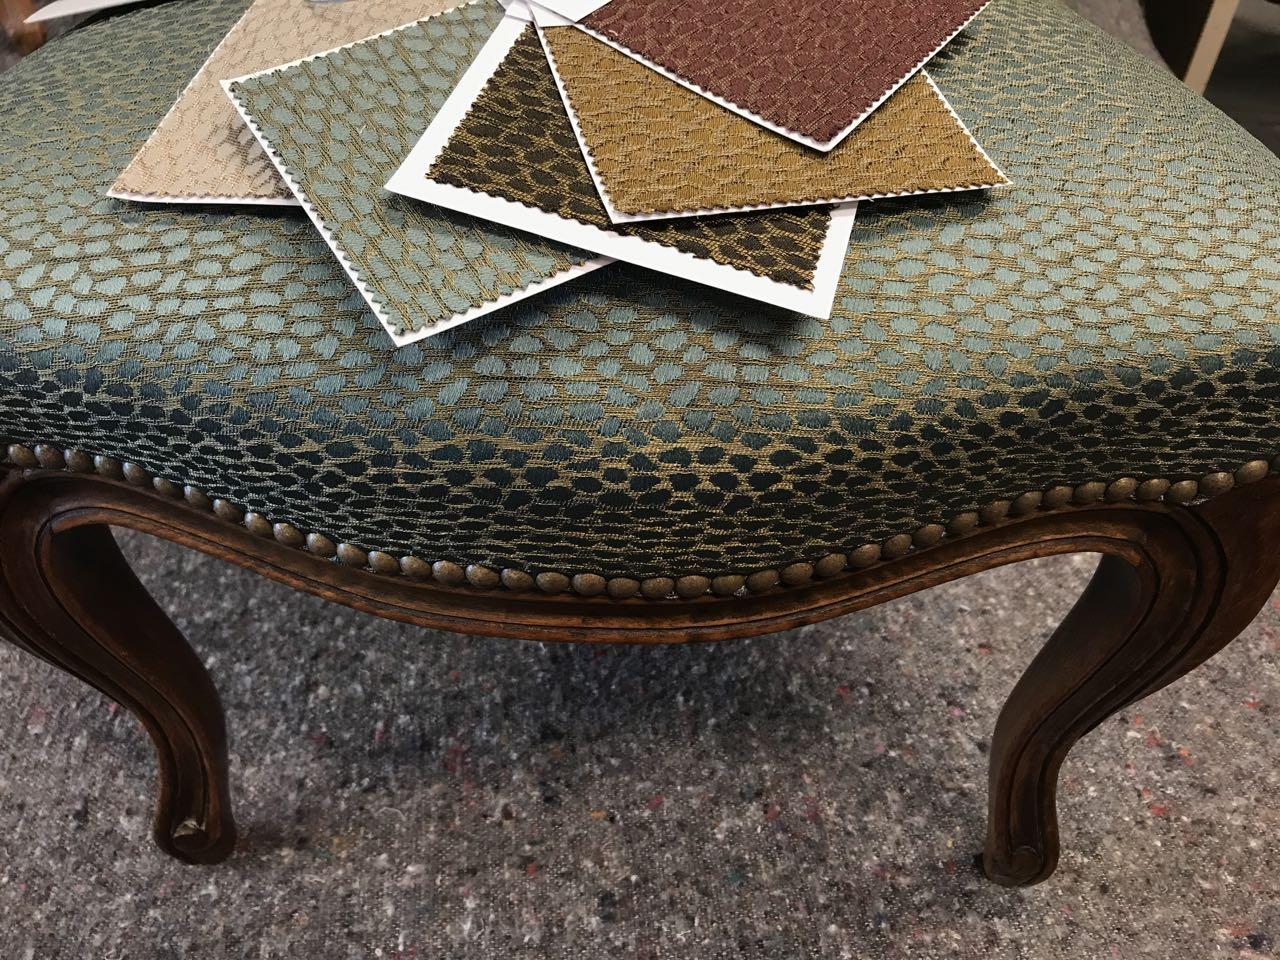 chaise de style Louis XV 4Atelier Patrice Bricout EPV Marcq en Baroeul | Atelier Patrice Bricout